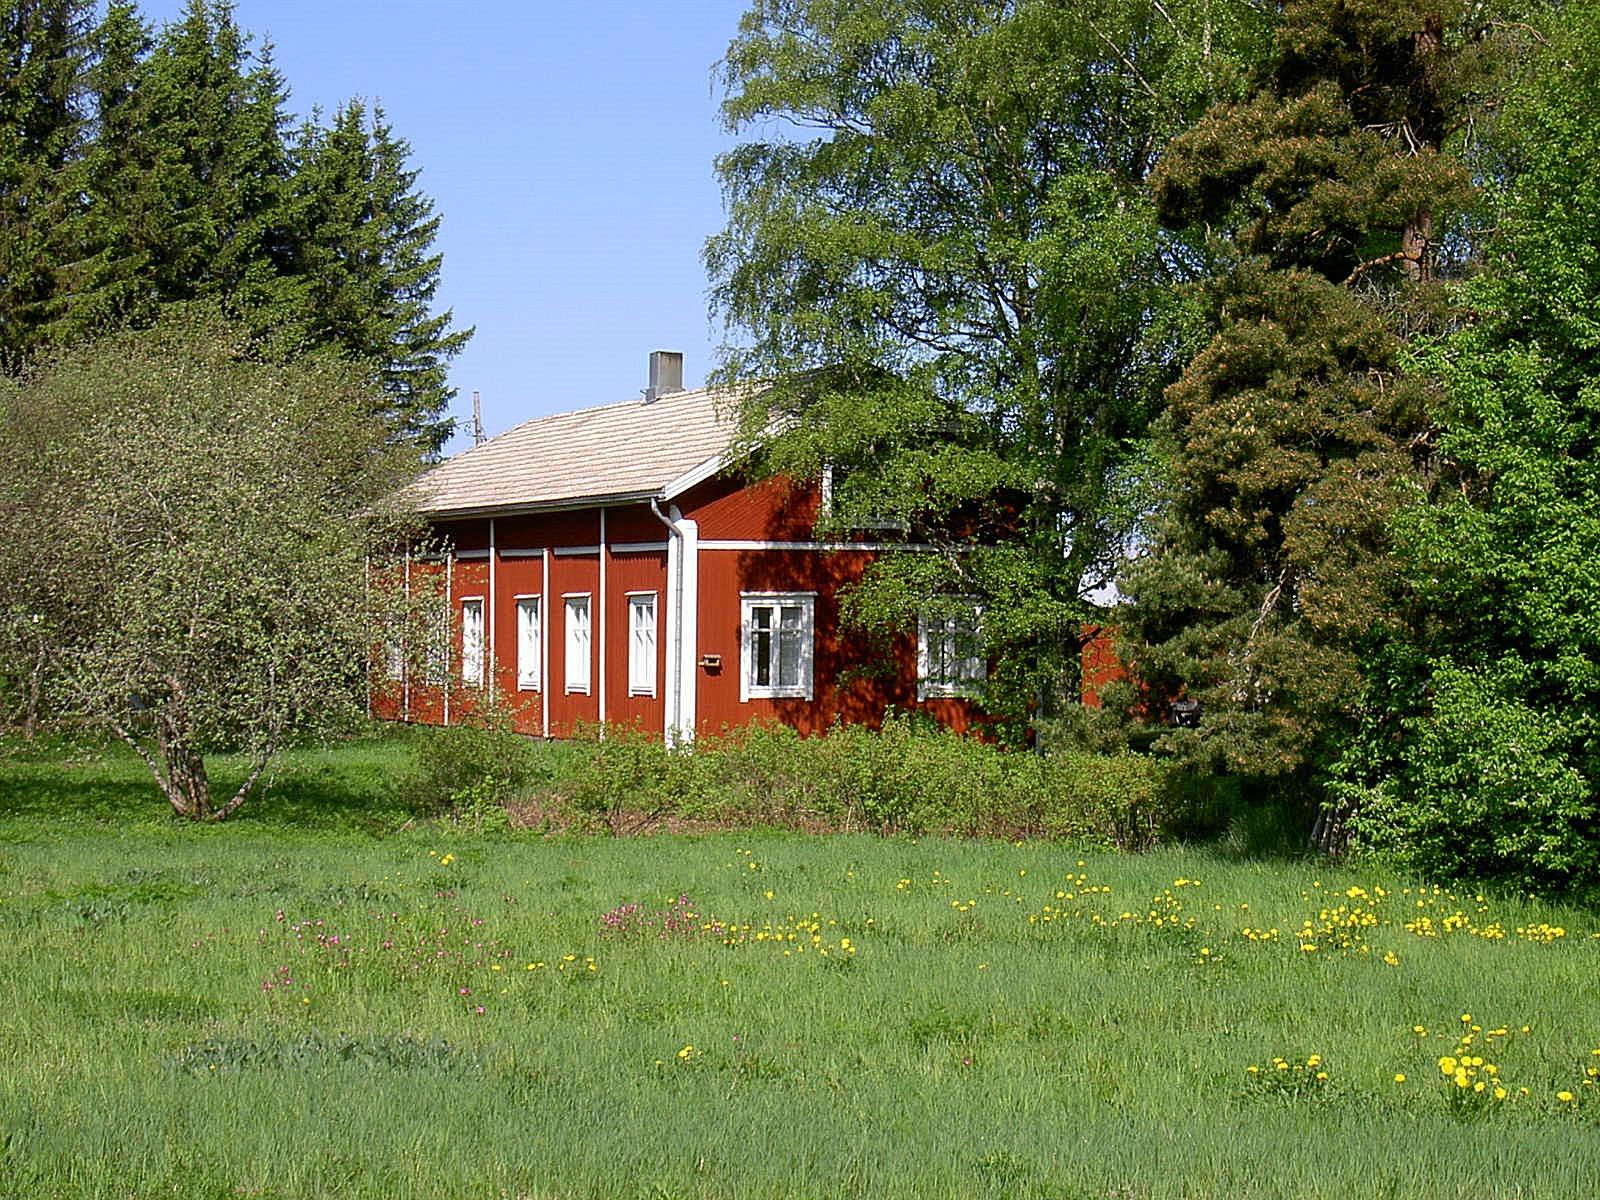 Gården fotograferad från vägen år 2003.